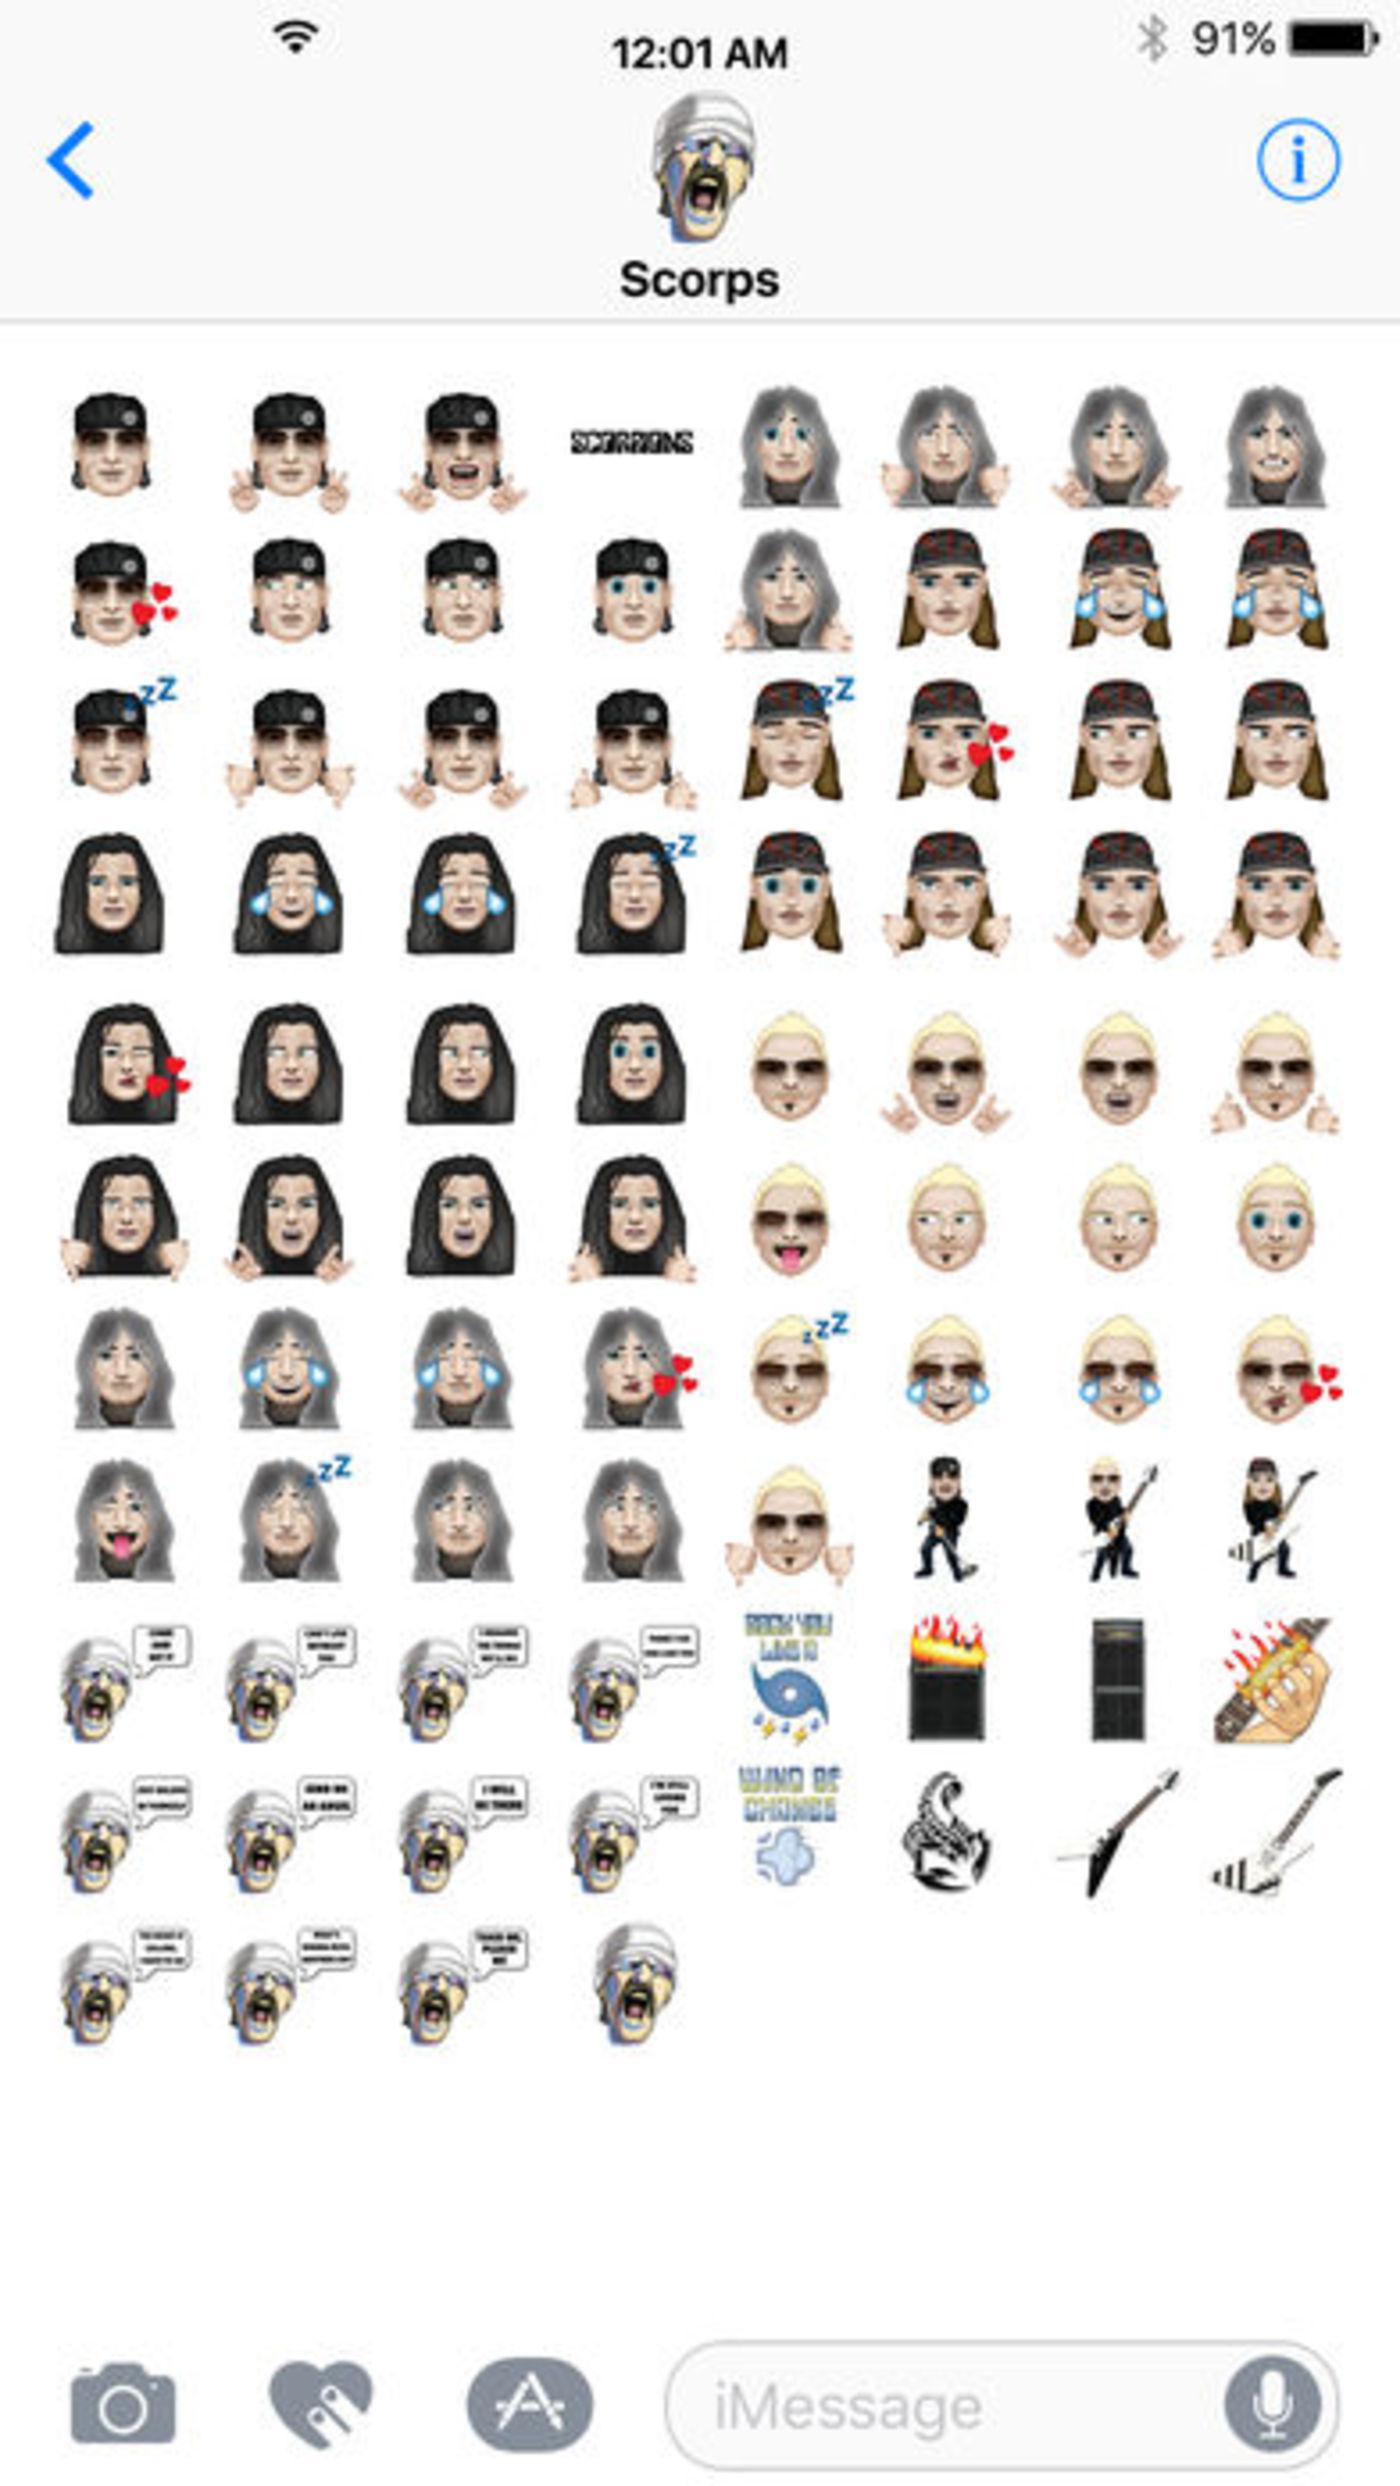 Scorpions: Mit Den Neuen Emojis Rockt Euer Handy Like A